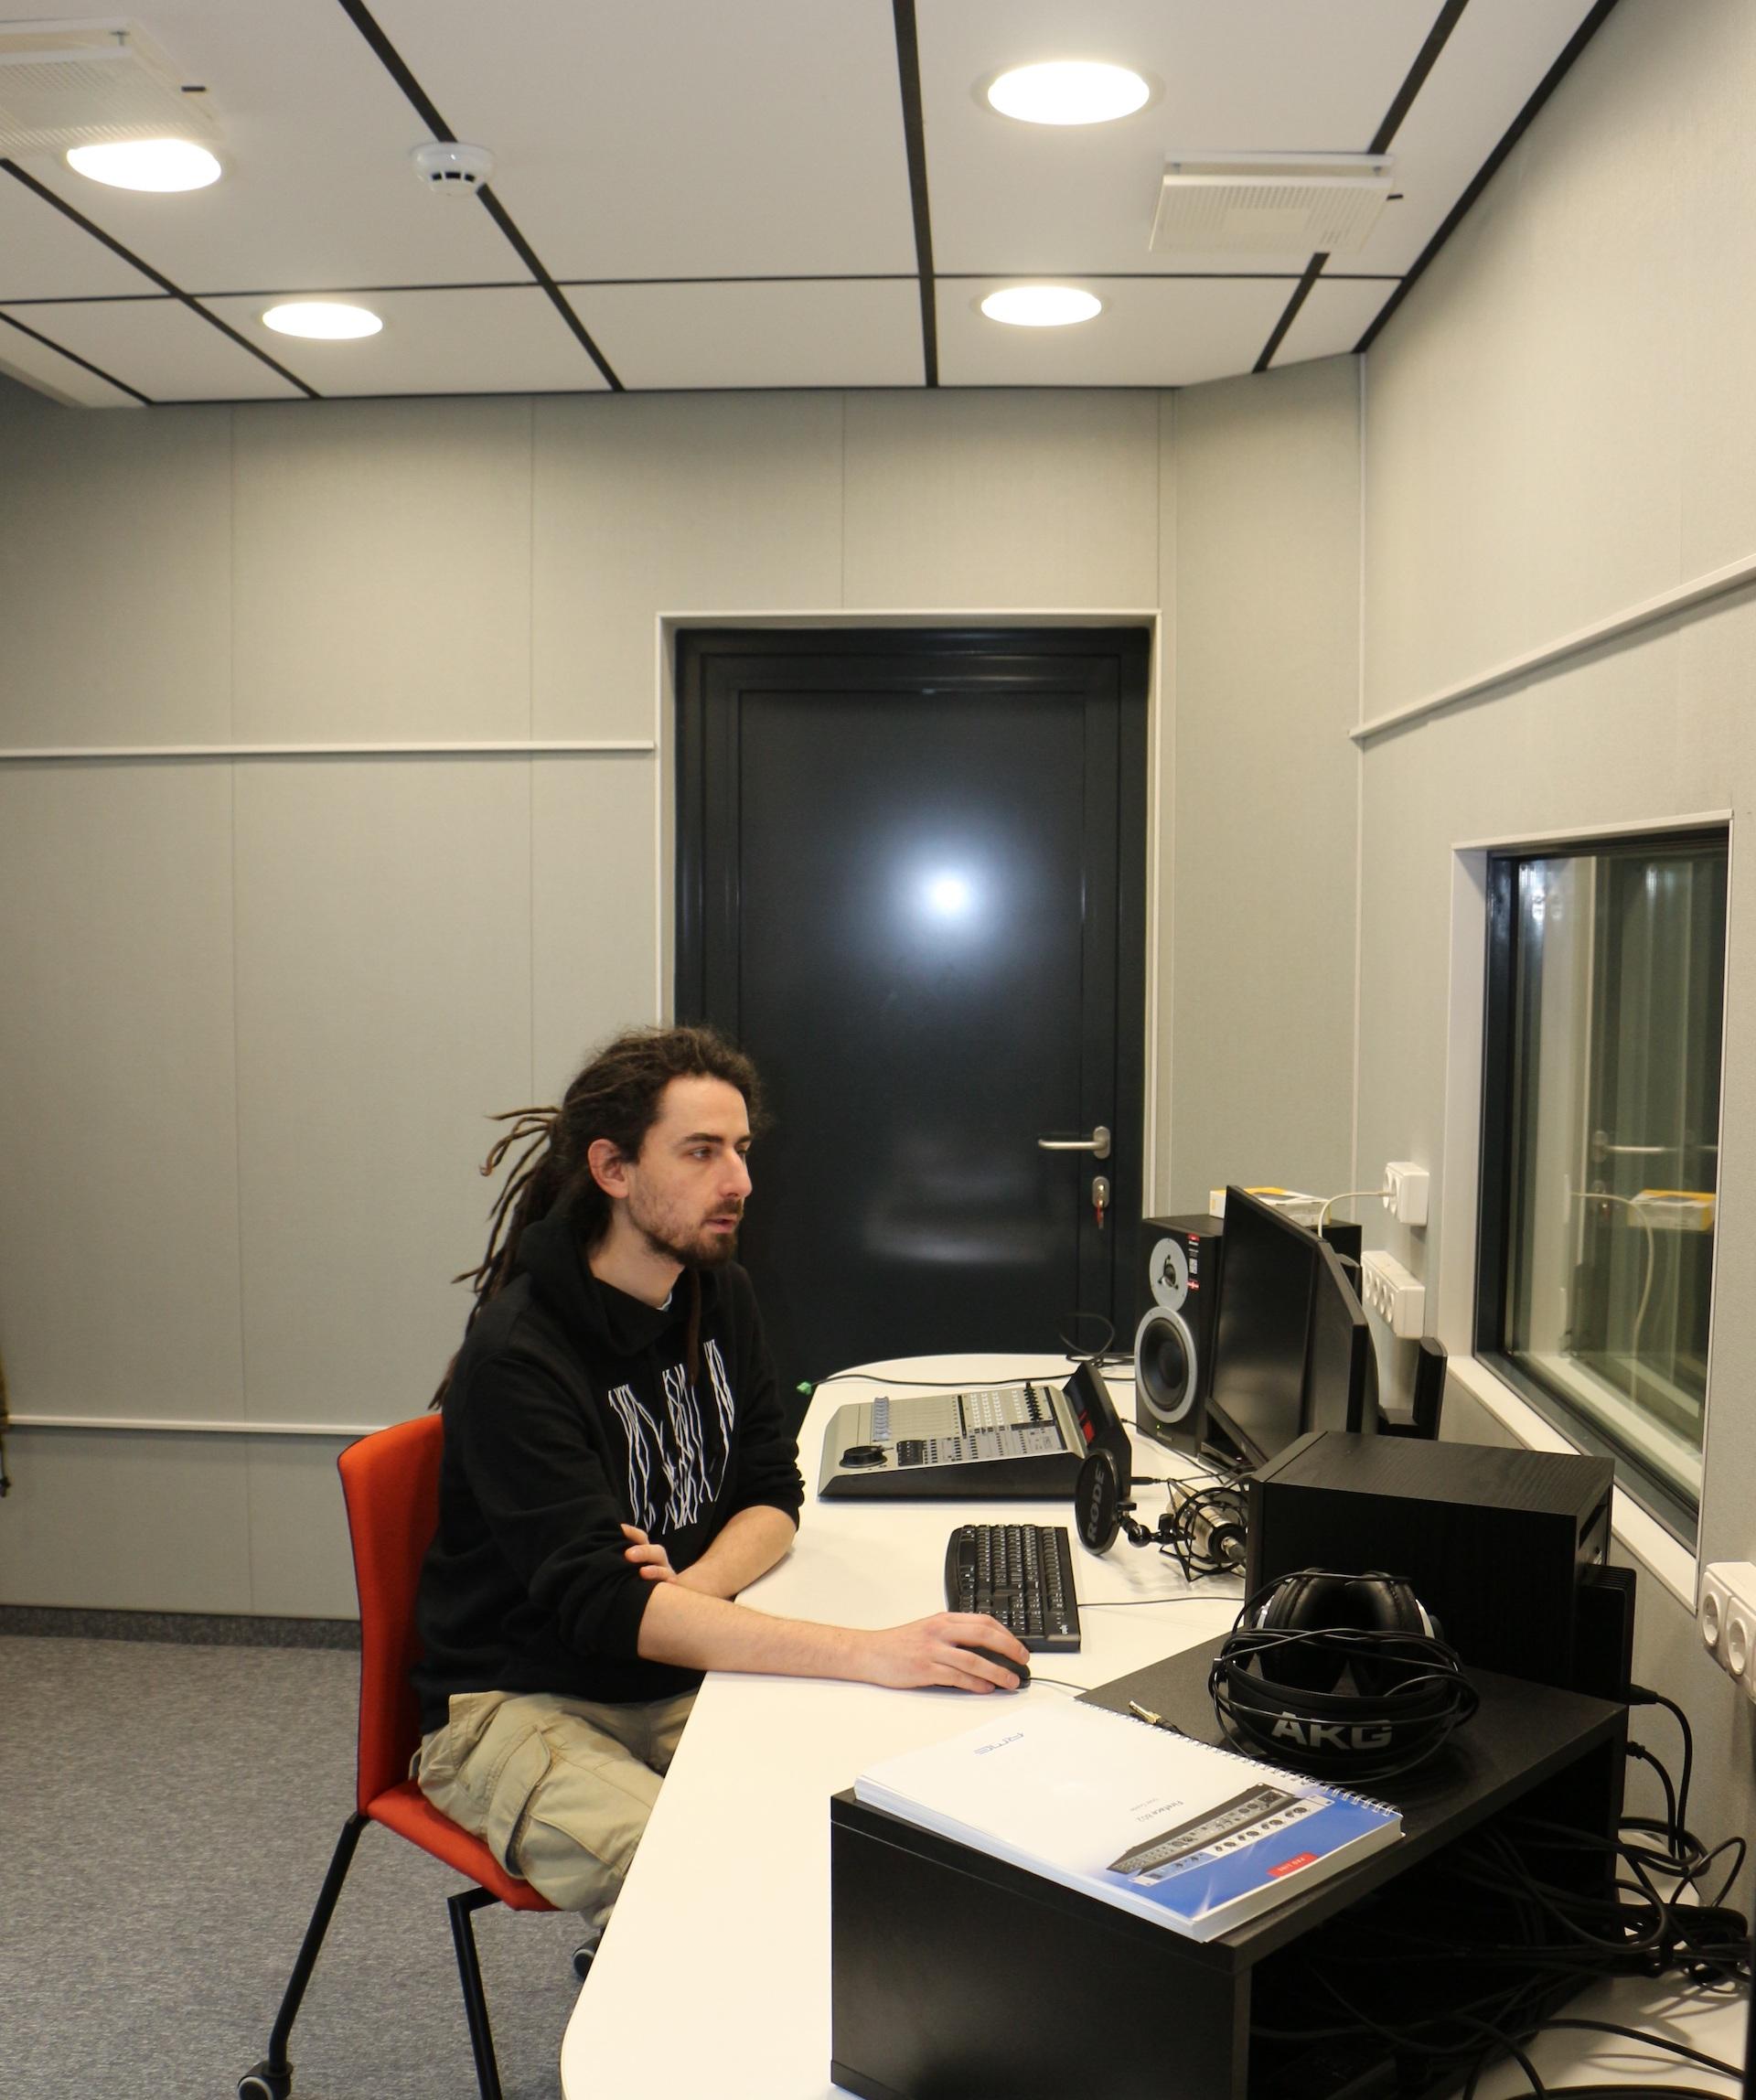 M. Nistirenko viliasi, kad įrašų studijos paklausa bus pakankamai solidi. Jo teigimu, studijos buvimas skatins žmones kurti, ateiti, daryti įrašus, tobulėti muzikos srityje. / Eglės Kuktienės nuotr.